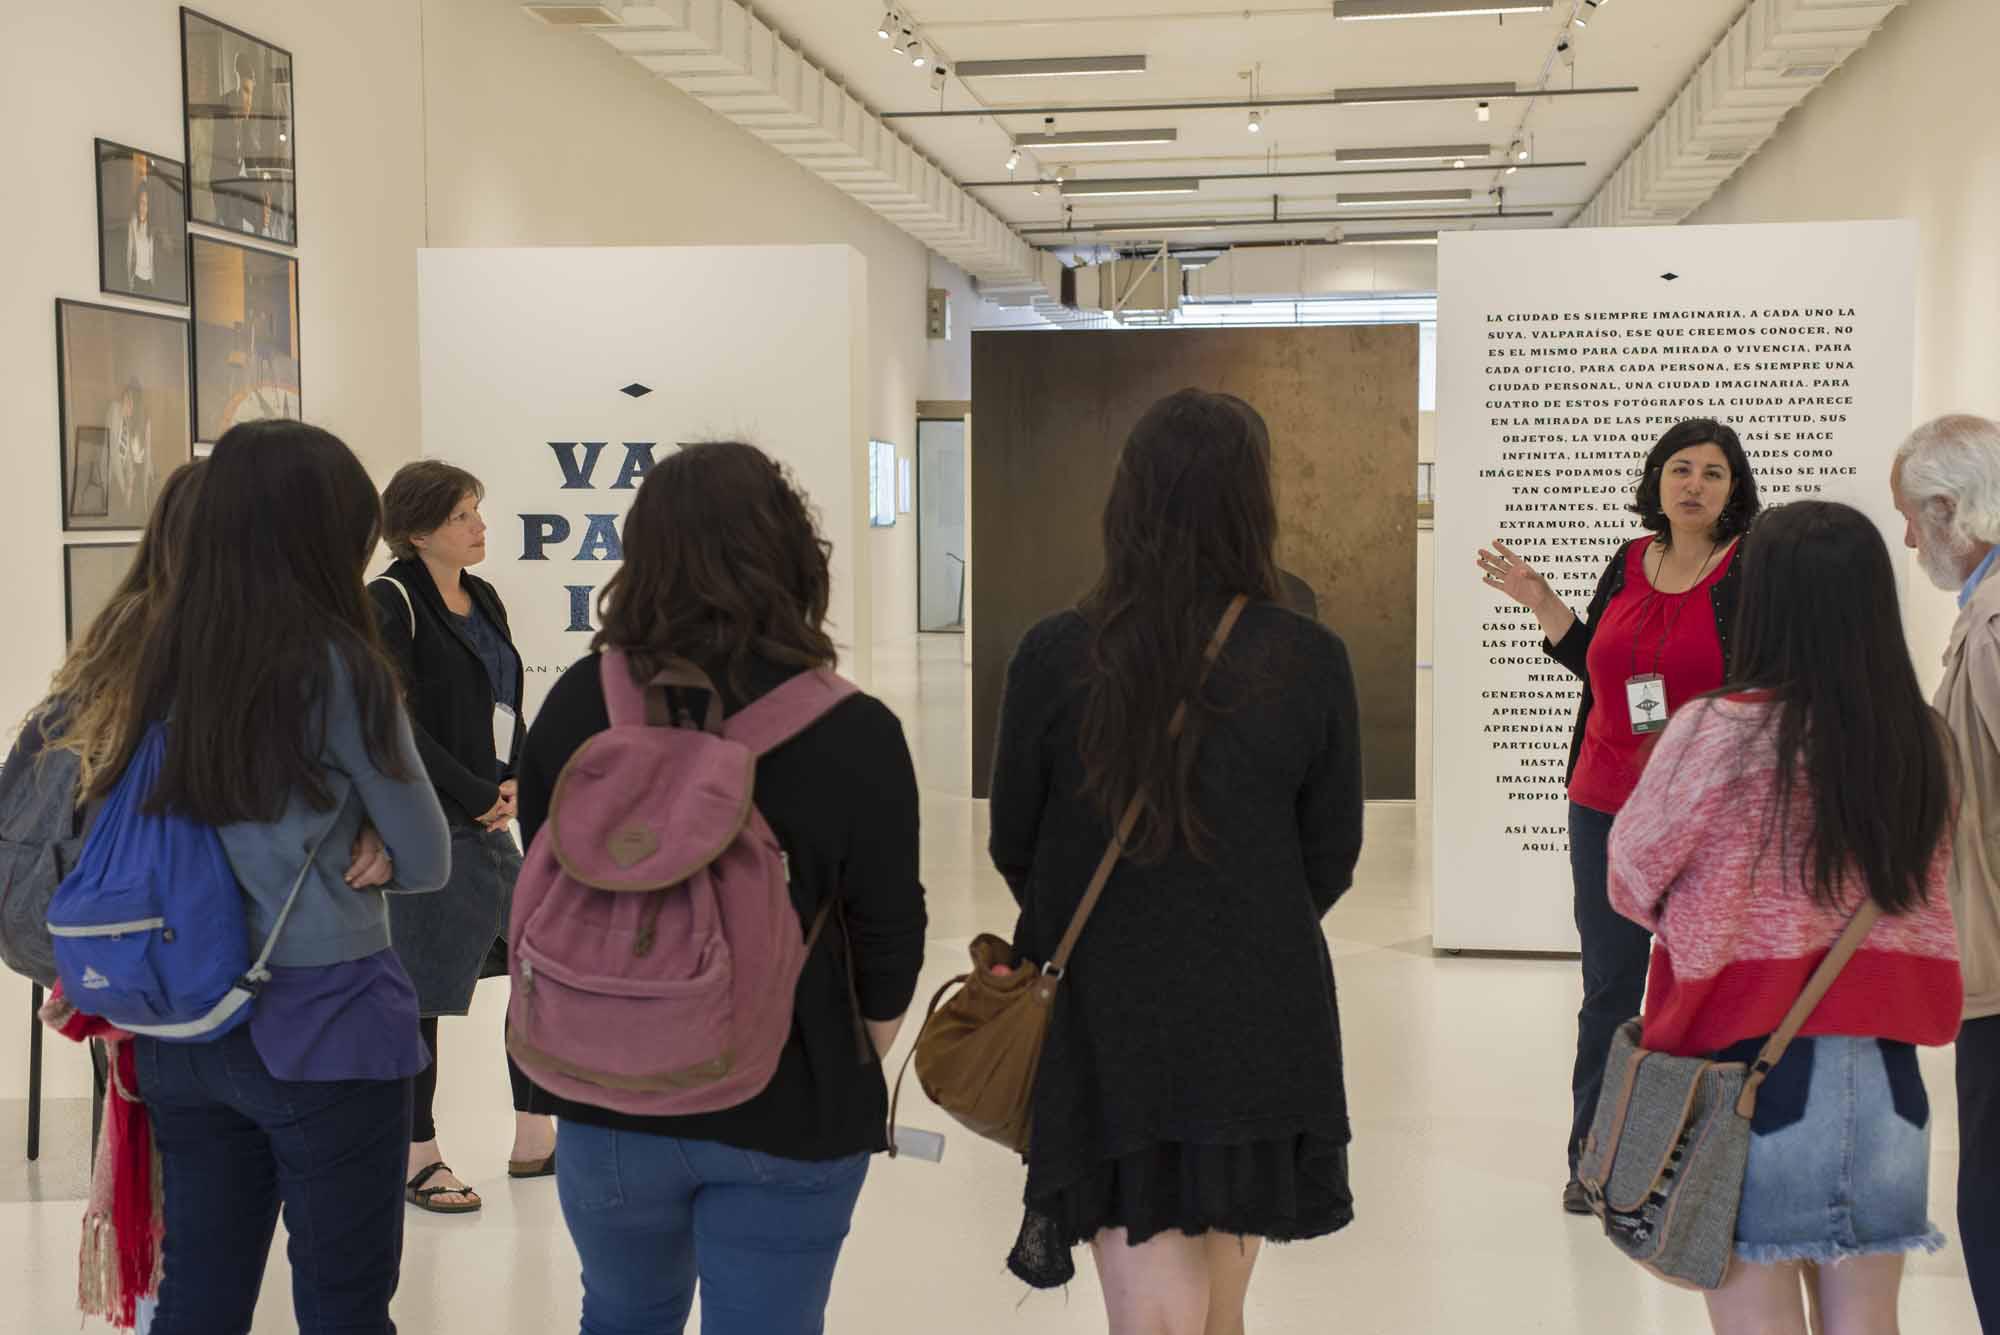 Visitas guiadas en la exposición, Valparaíso FIFV 2016. ©Ignacio Lamas